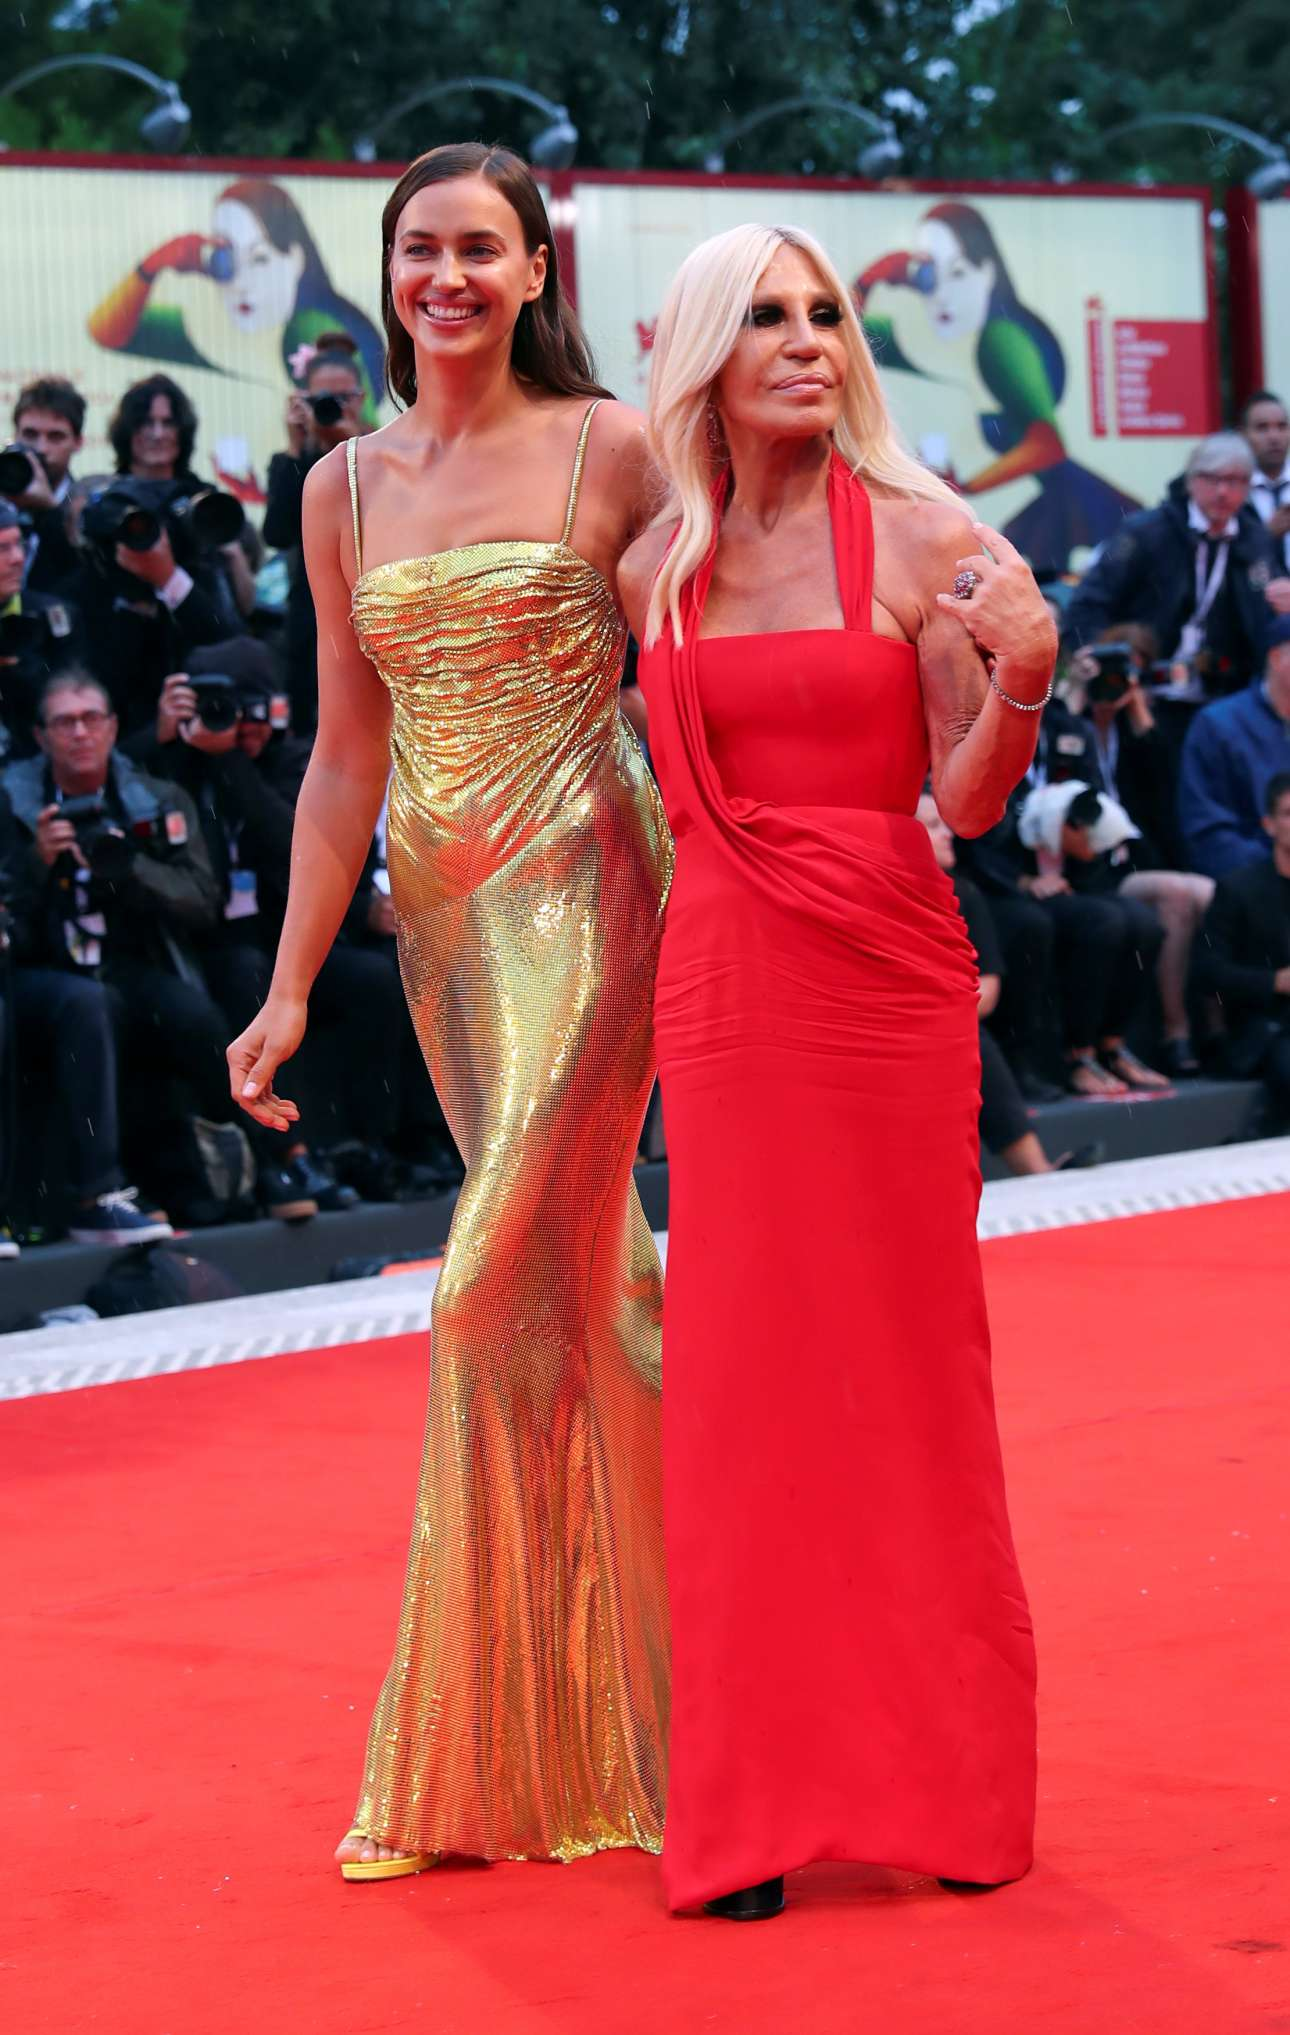 Η πανέμορφη Ιρίνα Σάικ με χρυσή λαμπερή τουαλέτα Versace, πηγαίνει αγκαλιά με τη σχεδιάστρια Ντονατέλα Βερσάτσε να παρακολουθήσει την πρεμιέρα της ταινίας «Ενα αστέρι γεννιέται»